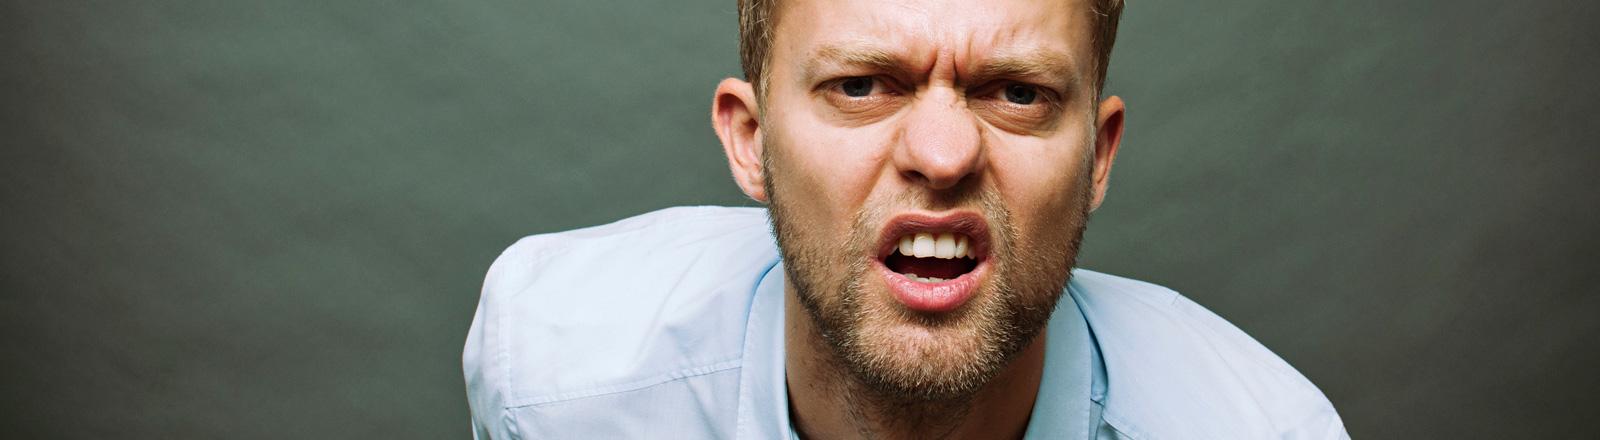 Ein junger Mann mit hellblauem Hemd blickt etwas blöde in die Kamera.